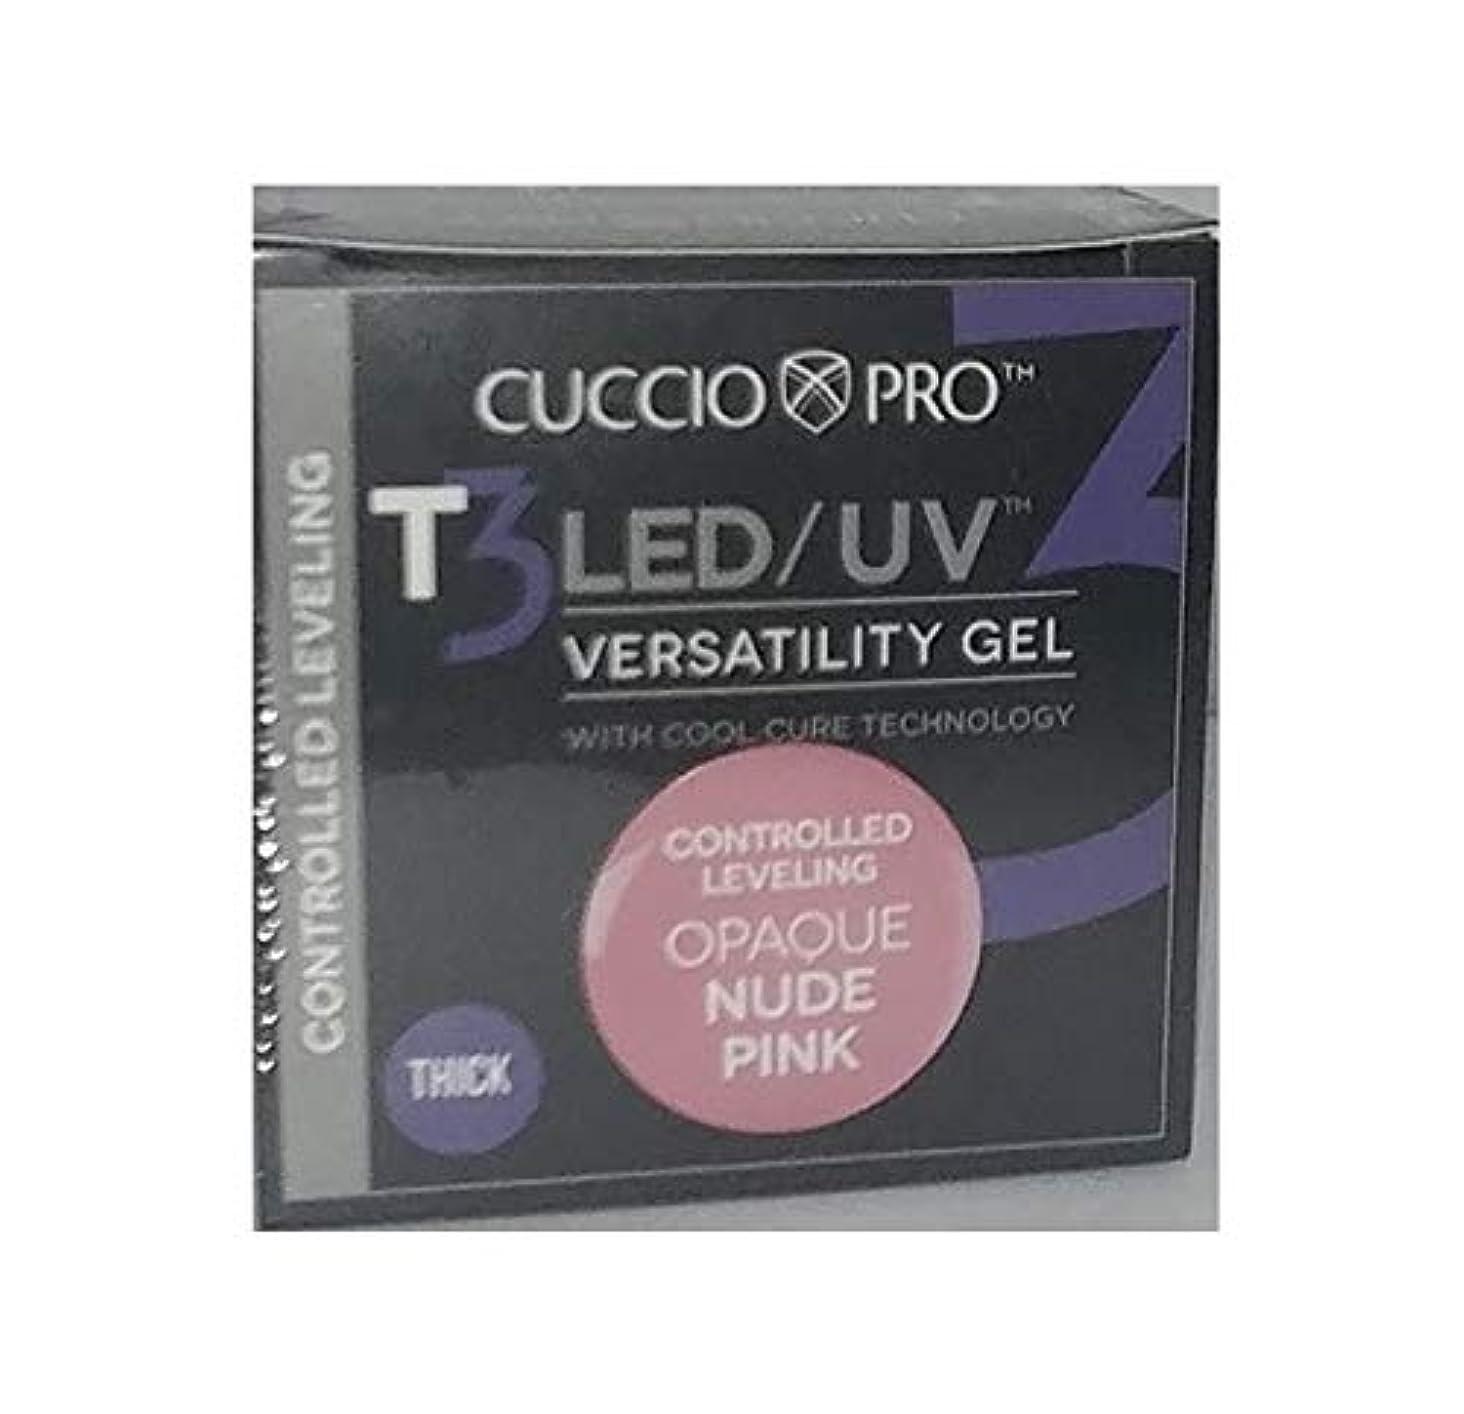 予感オレンジ前売Cuccio Pro - T3 LED/UV Gel - Controlled Leveling - Opaque Nude Pink - 1 oz / 28 g